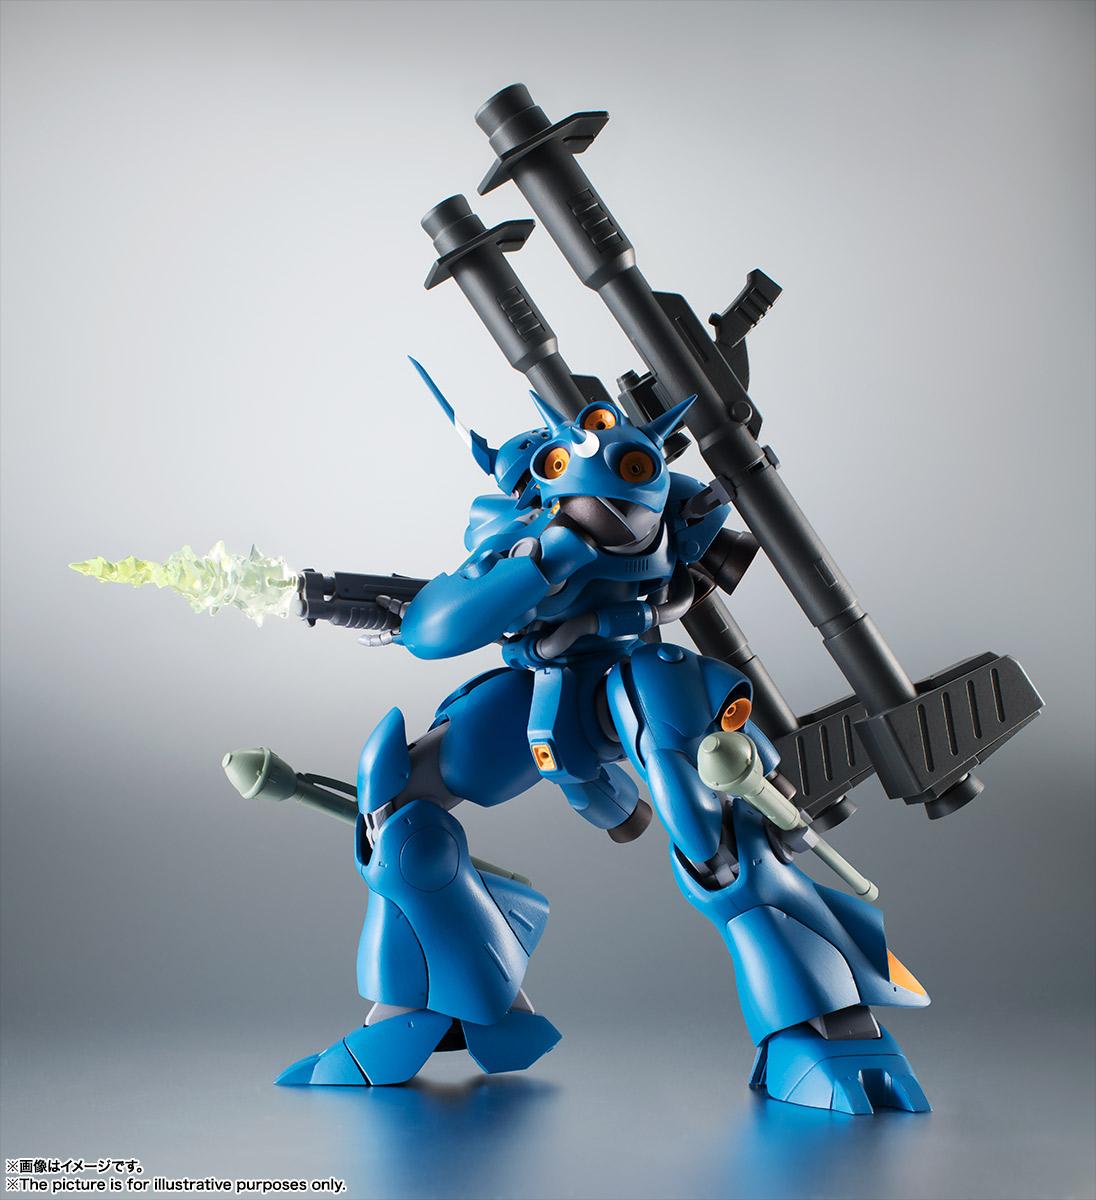 【再販】ROBOT魂〈SIDE MS〉『MS-18E ケンプファー ver. A.N.I.M.E.』可動フィギュア-008